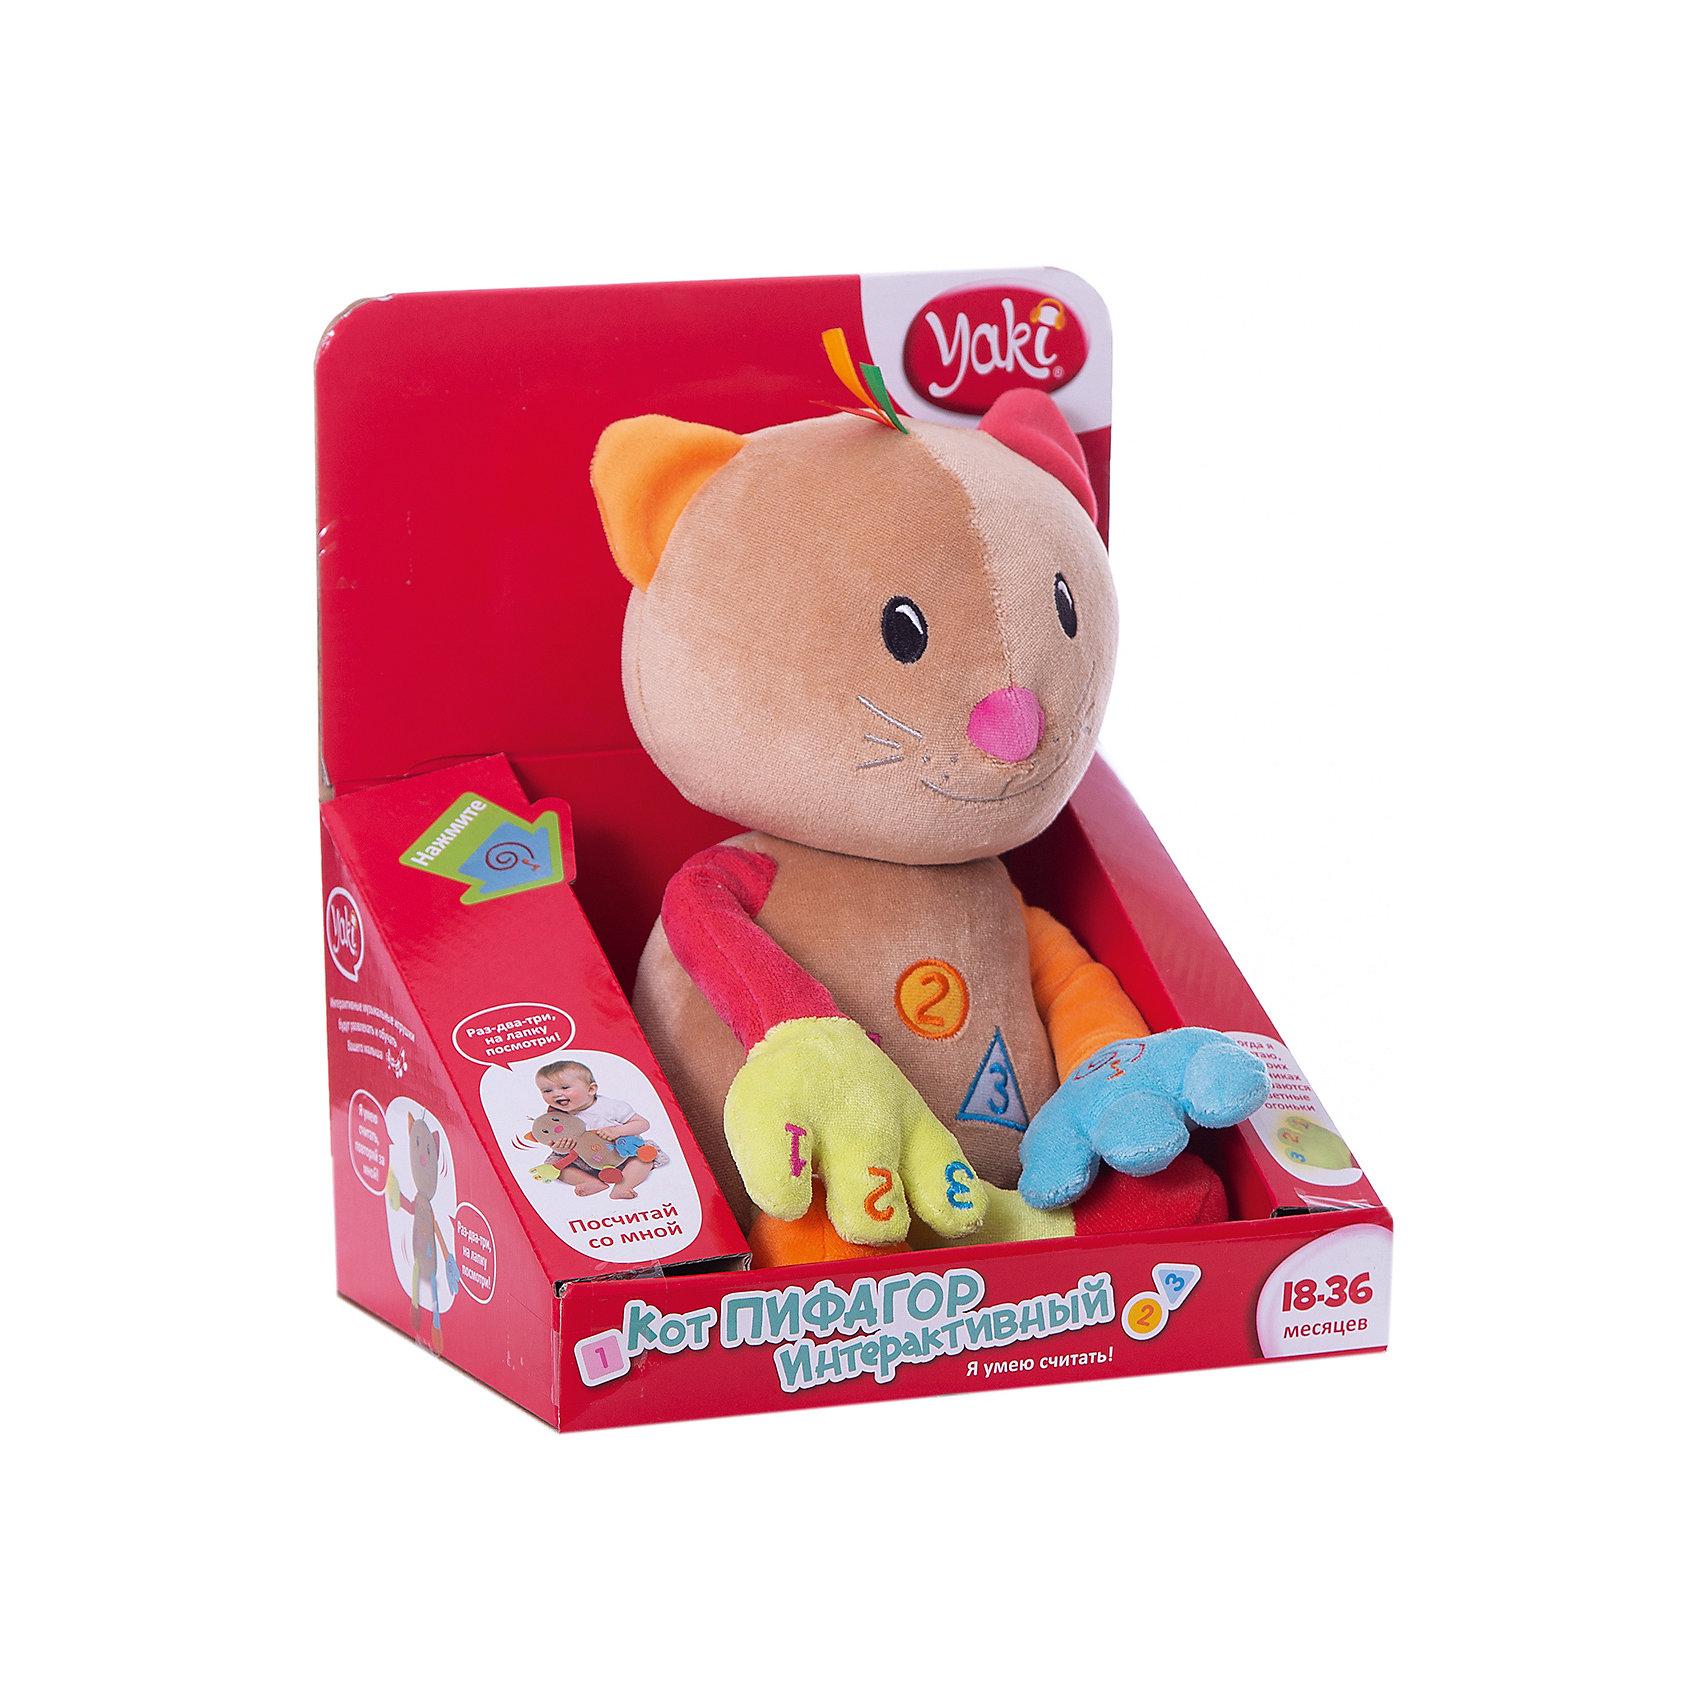 Кот Пифагор, со звуком, YAKIКот Пифагор, Yaki - очаровательная развивающая игрушка, которая обязательно привлечет внимание Вашего малыша и поможет ему выучить цвета и счет. Забавный котик с веселой мордочкой выполнен из мягкого приятного на ощупь материала, лапки, ноги и ушки разноцветные.<br>Внутри спрятан механизм, проигрывающий фразы и мелодии. Если малыш нажмет на кнопку Рифмы на левой лапке, то услышит забавные стихотворения и песенки про цифры. Три функциональные кнопки на животике игрушки помогут изучить цифры, формы предметов и цвета. Когда котик считает его пальчики светятся цветными огоньками. Всего у игрушки более 30 различных фраз и звуковых эффектов и 2 песенки. Способствует развитию логического мышления и воображения, тренирует память и мелкую моторику. <br><br>Дополнительная информация:<br><br>- Материал: искусственный мех, пластик, текстиль.<br>- Требуются батарейки: 3 х ААА (входят в комплект).<br>- Размер игрушки: 22 см.<br>- Размер упаковки: 22 х 26 х 17,5 см. <br>- Вес: 0,617 кг. <br><br>Кота Пифагора, со звуком, Yaki, можно купить в нашем интернет-магазине.<br><br>Ширина мм: 220<br>Глубина мм: 175<br>Высота мм: 260<br>Вес г: 617<br>Возраст от месяцев: 18<br>Возраст до месяцев: 132<br>Пол: Унисекс<br>Возраст: Детский<br>SKU: 4249884